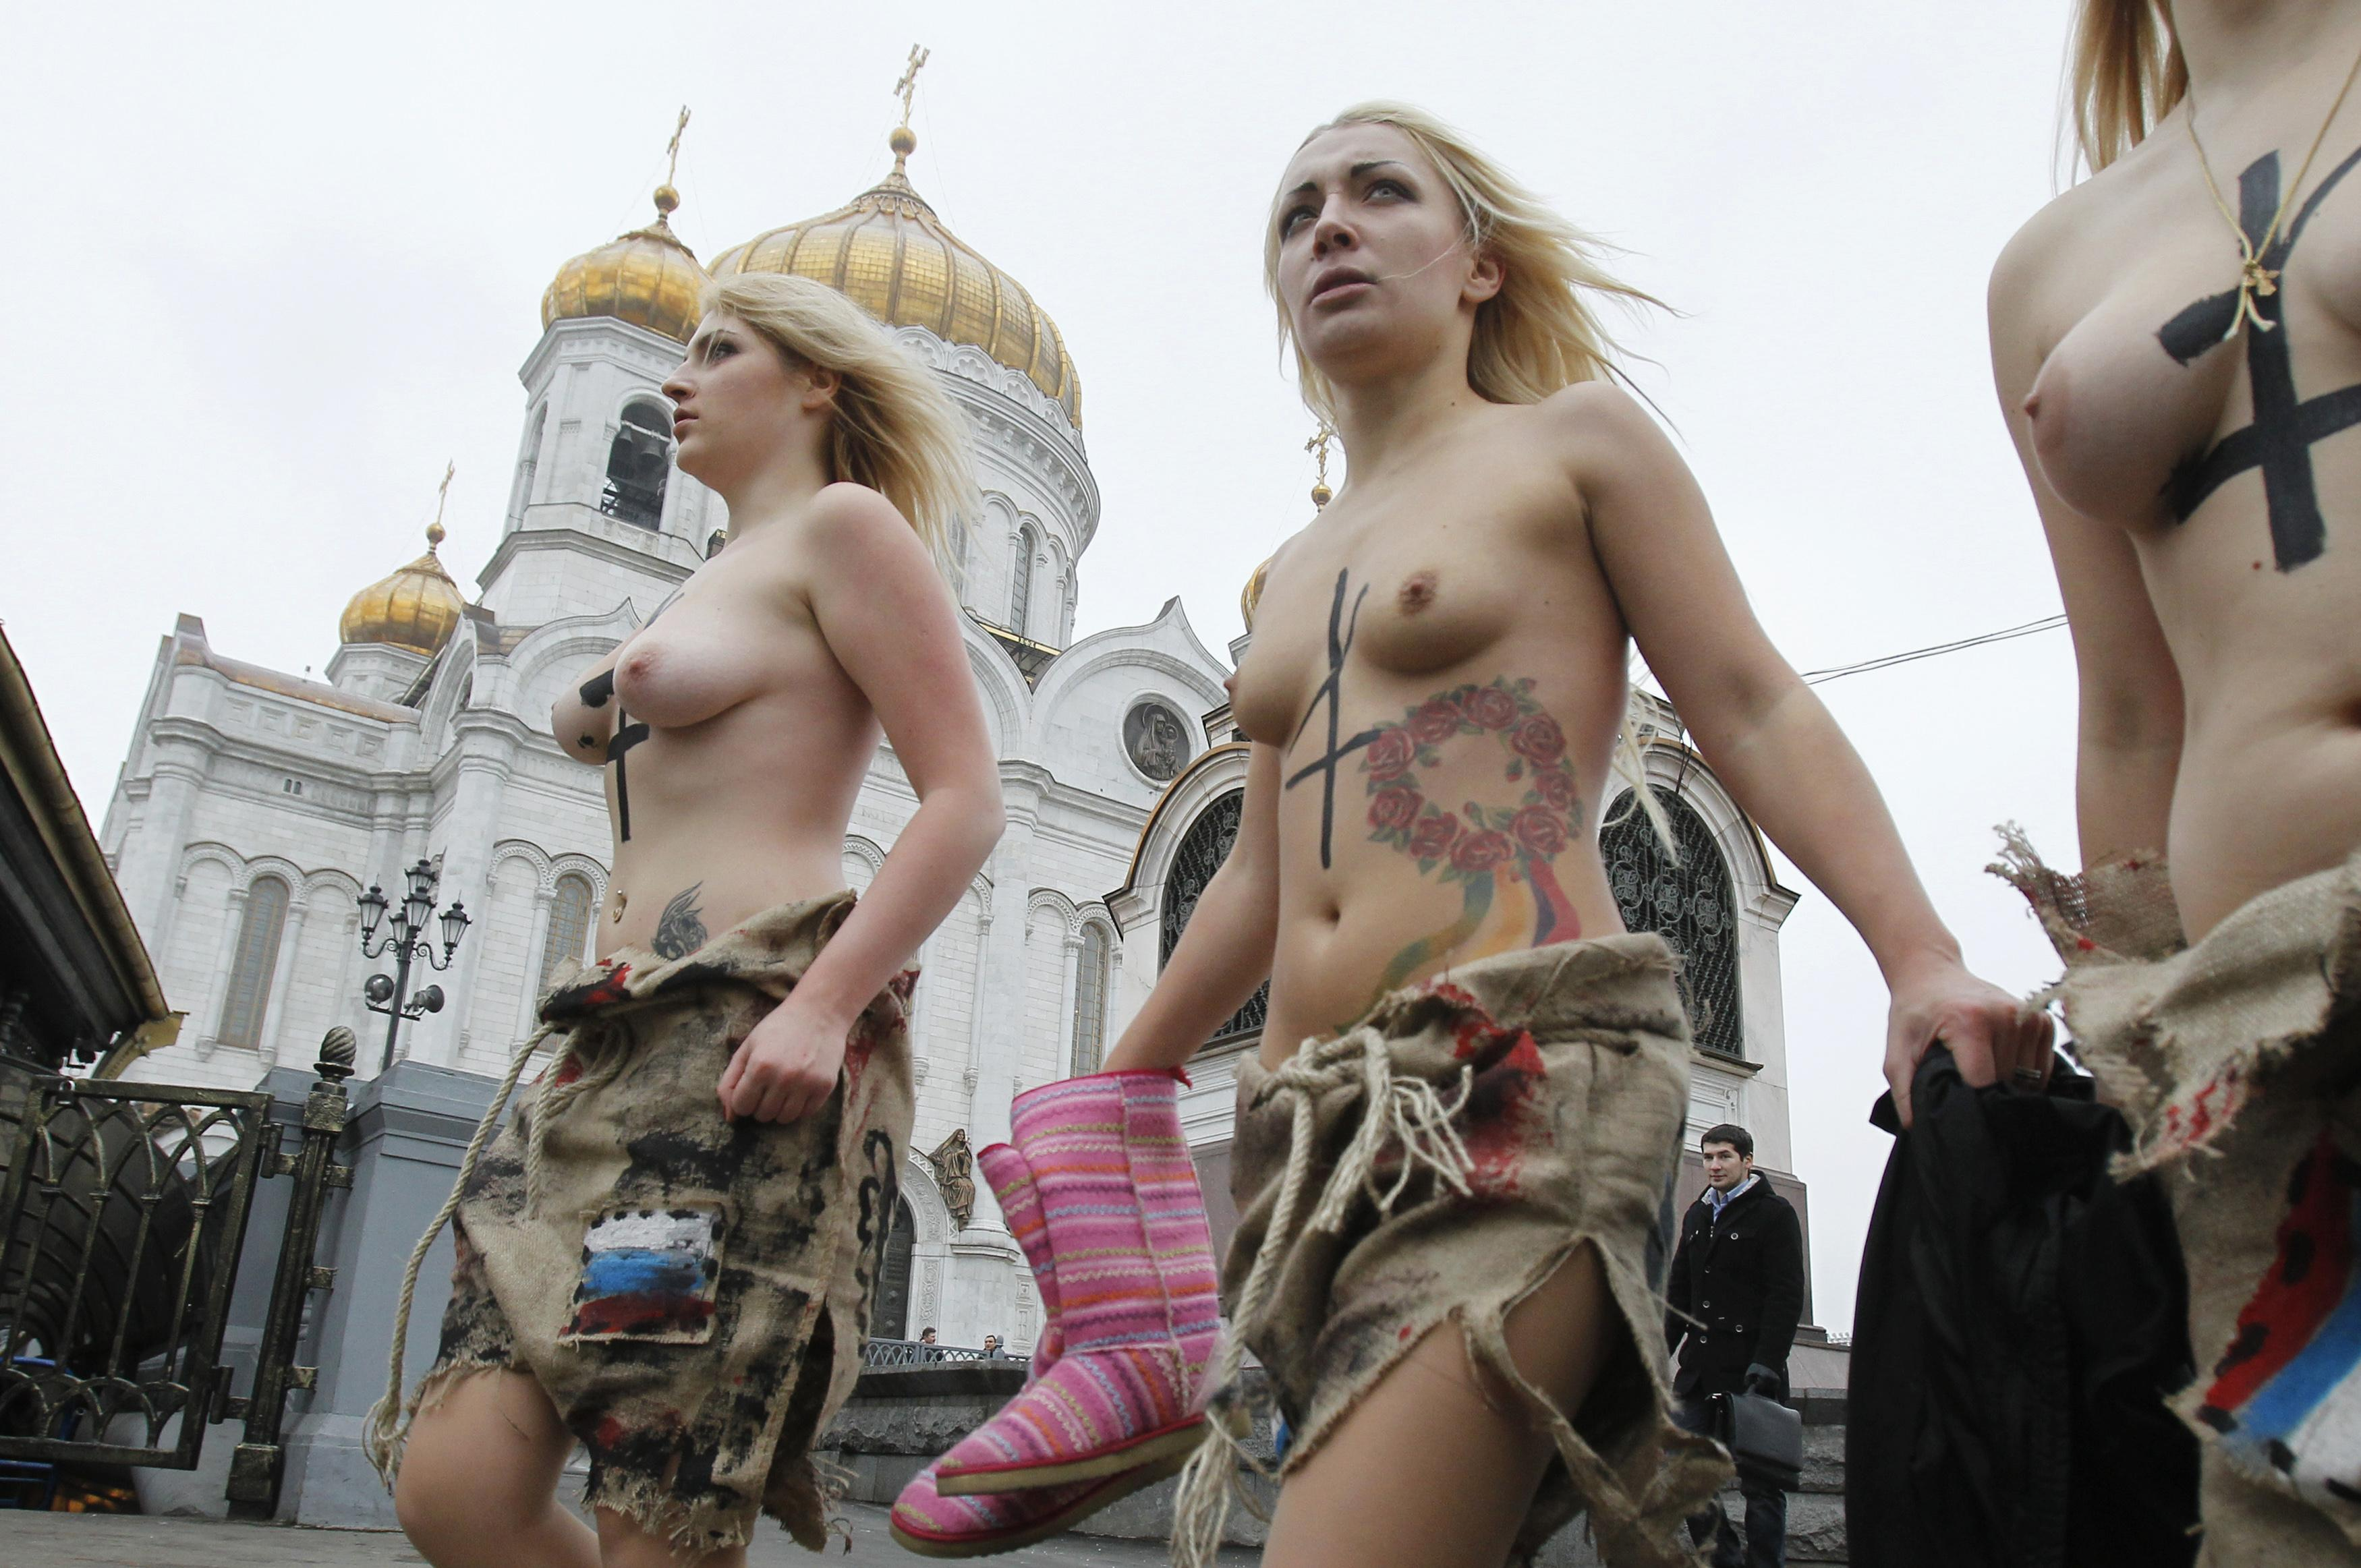 Раздевалка группы поддержки без цензуры 17 фотография